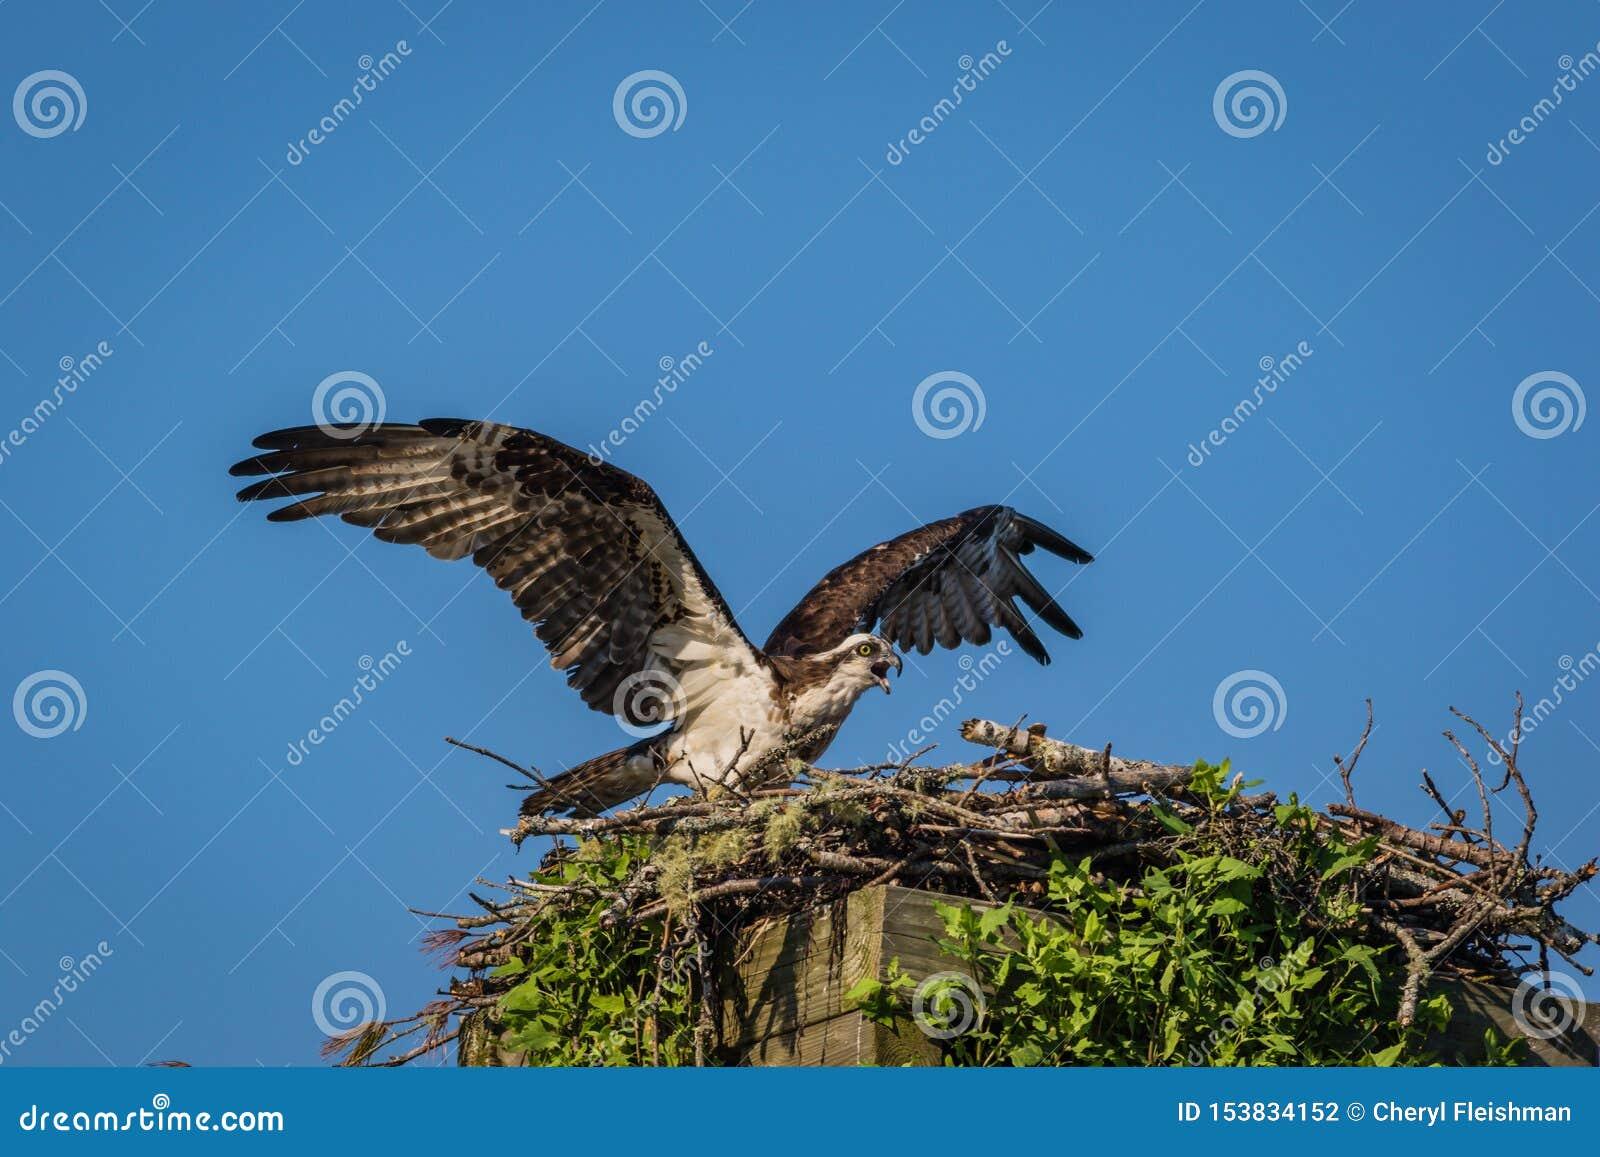 Águia pescadora em uma manhã clara do verão com céus azuis que decola da caixa-ninha